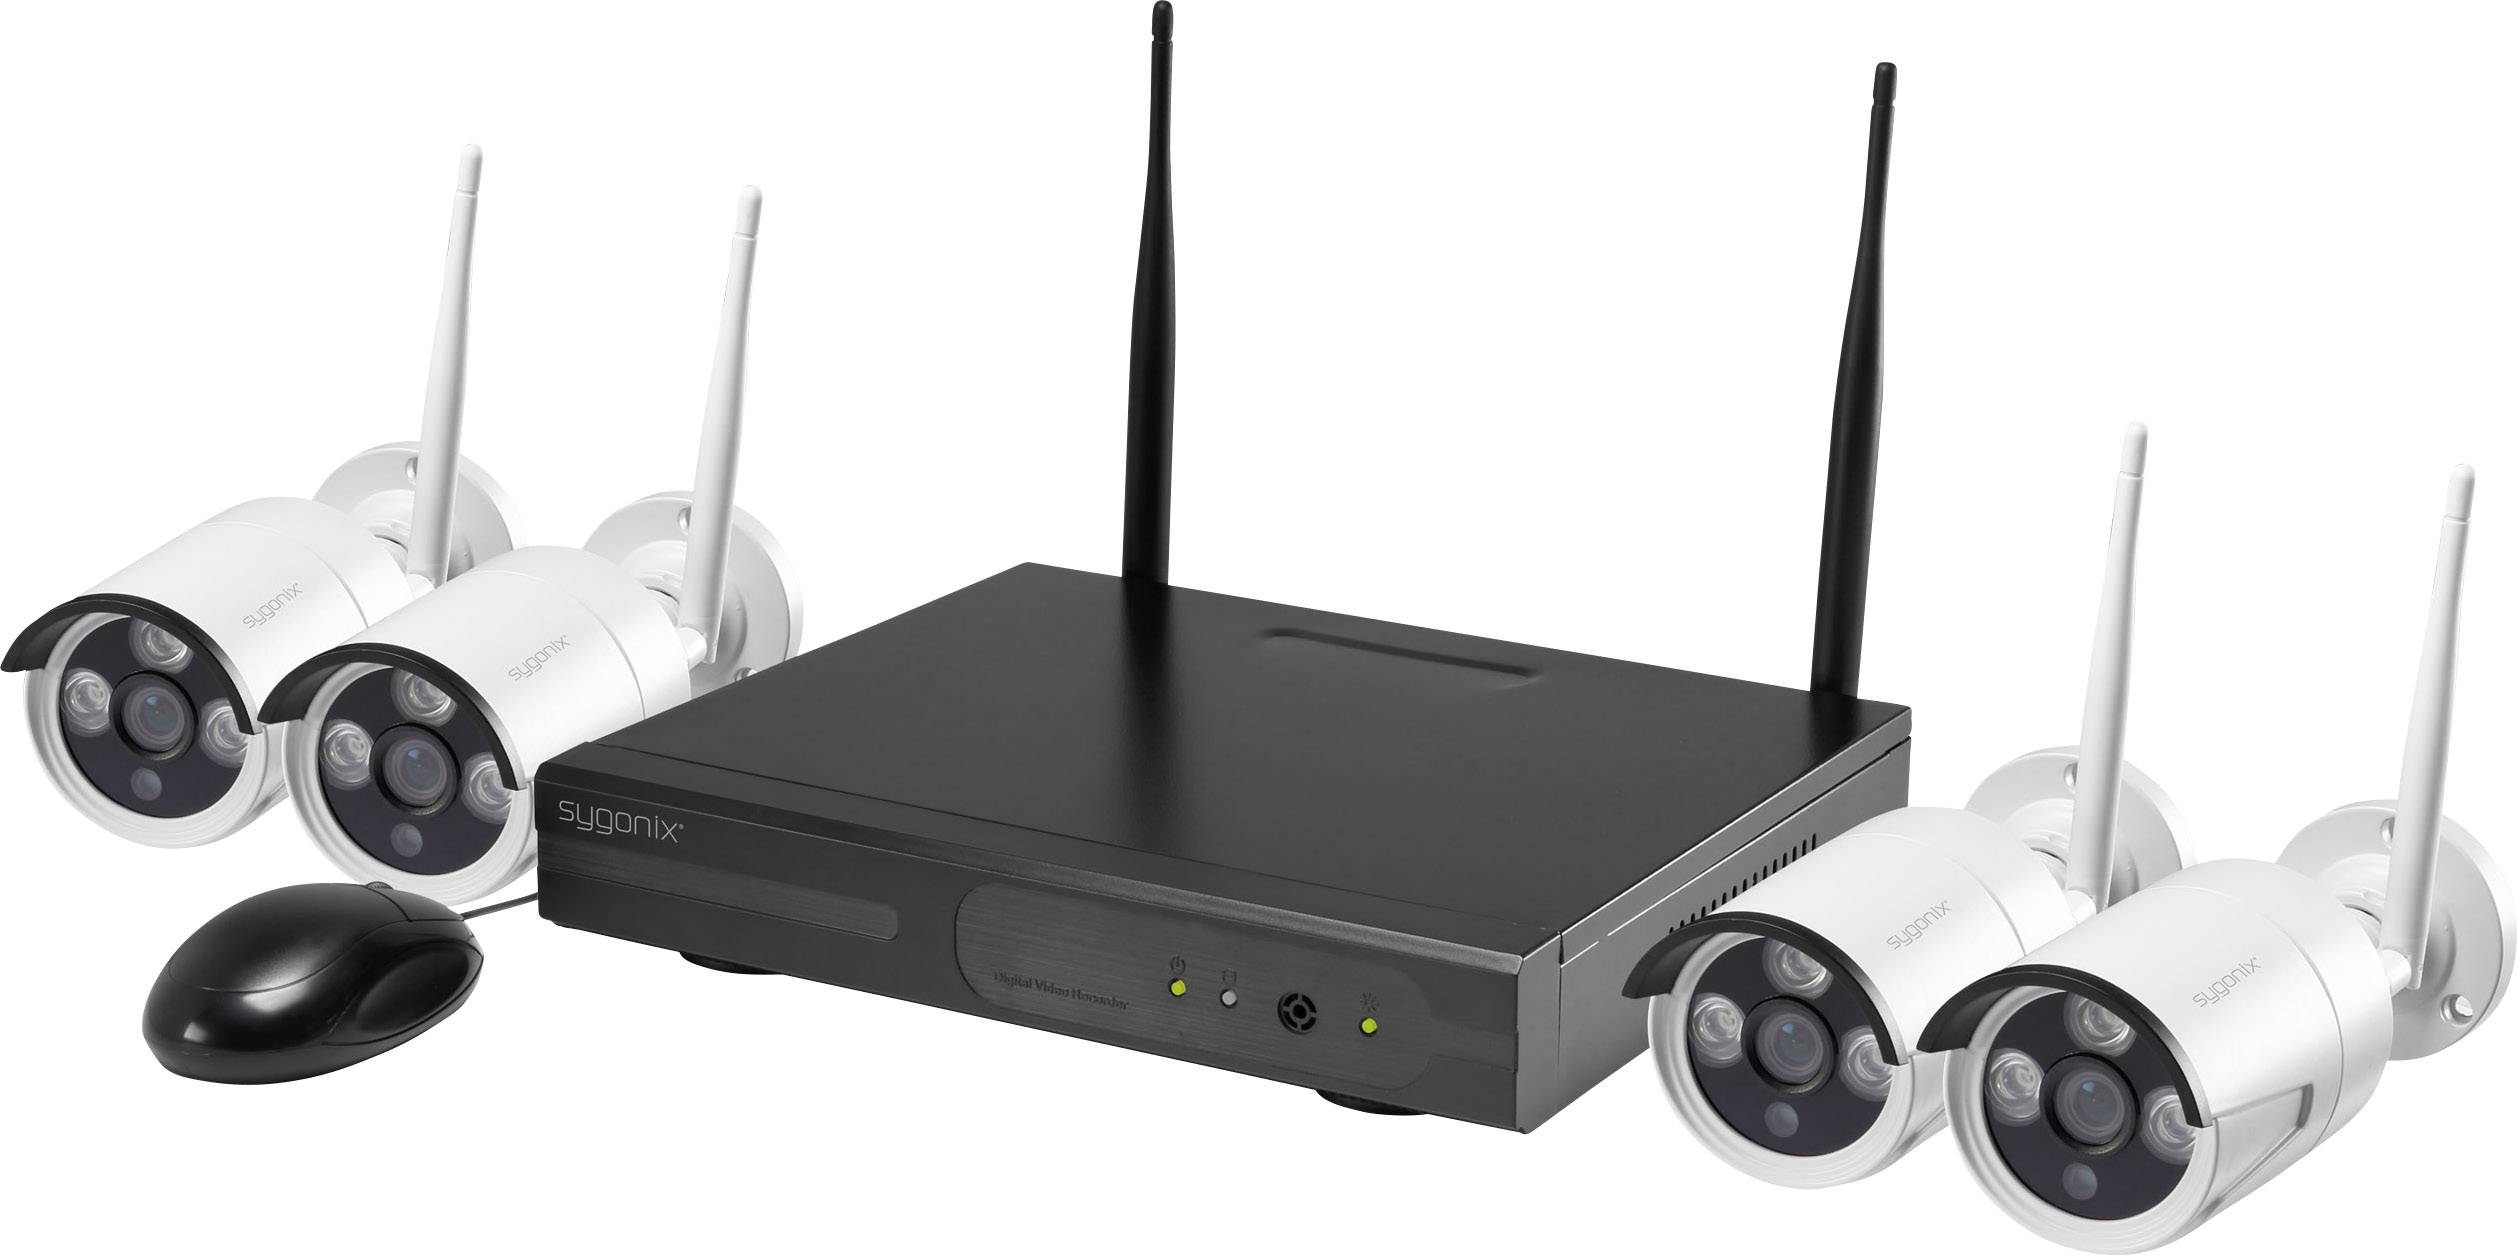 Sada 4 bezpečnostních kamer a digitálního rekordéru s Wi-Fi Sygonix 355791D1 / 1522017